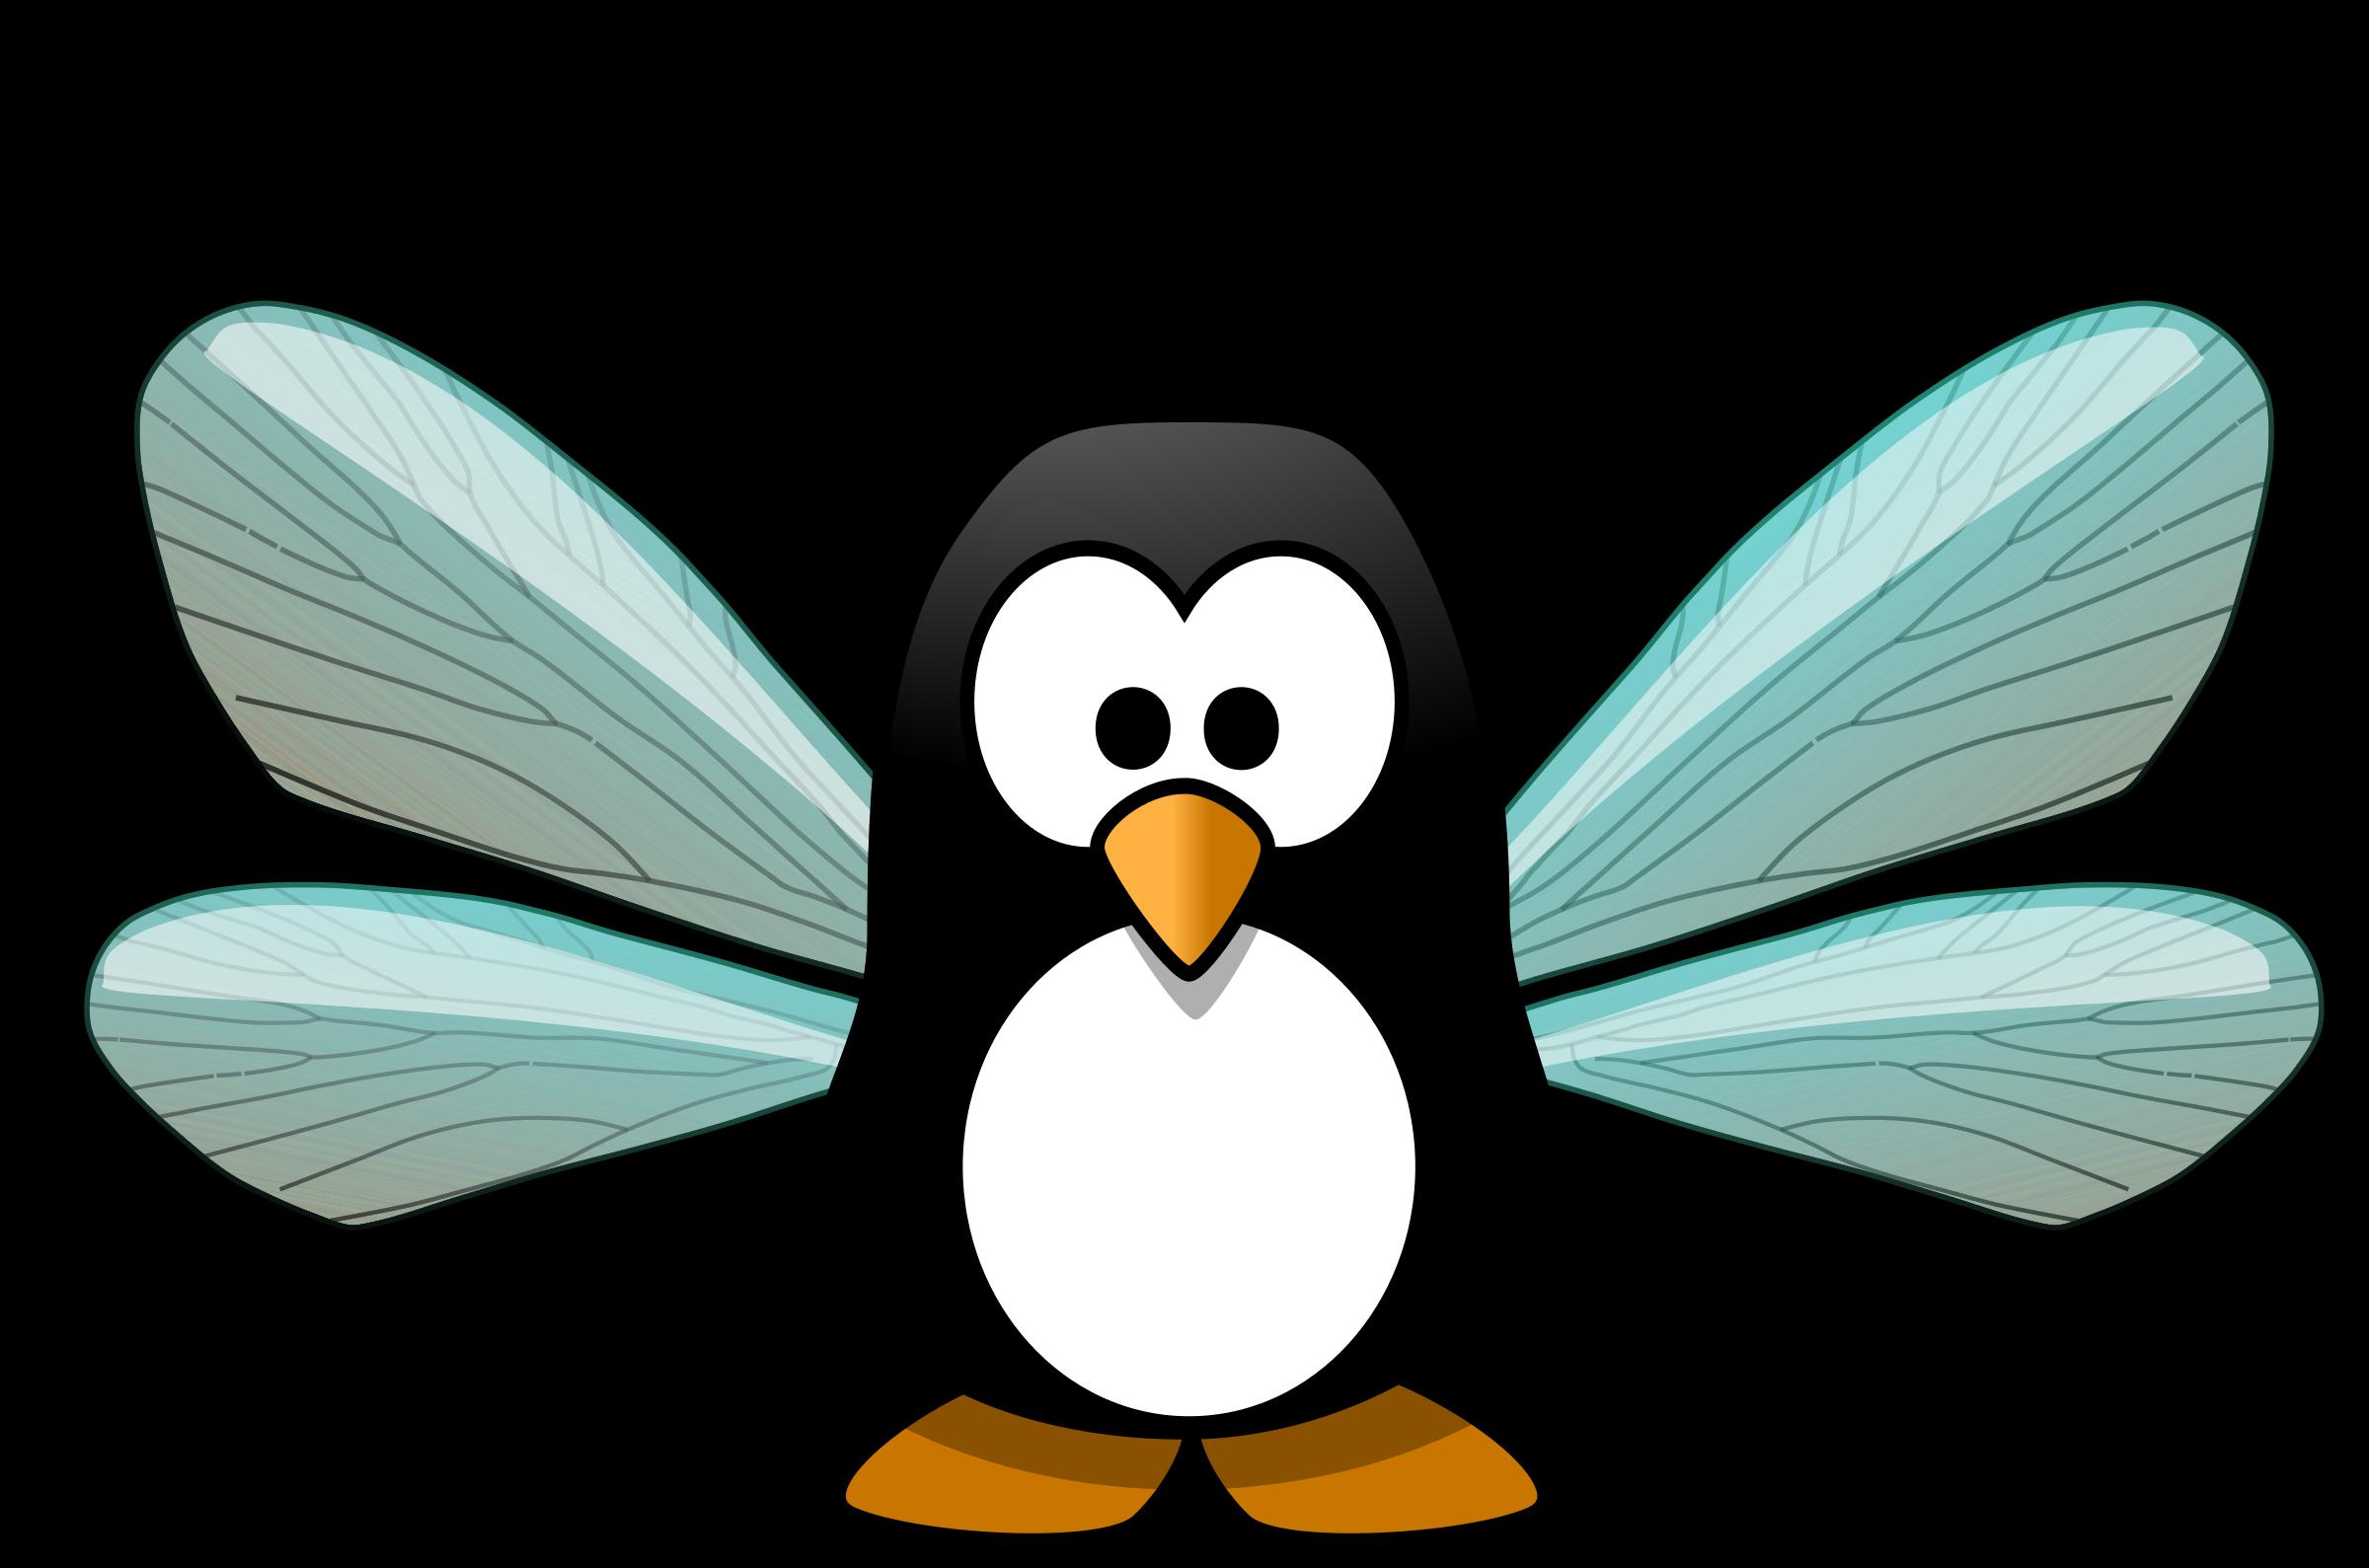 Pixie big image png. Clipart penquin penguin flipper